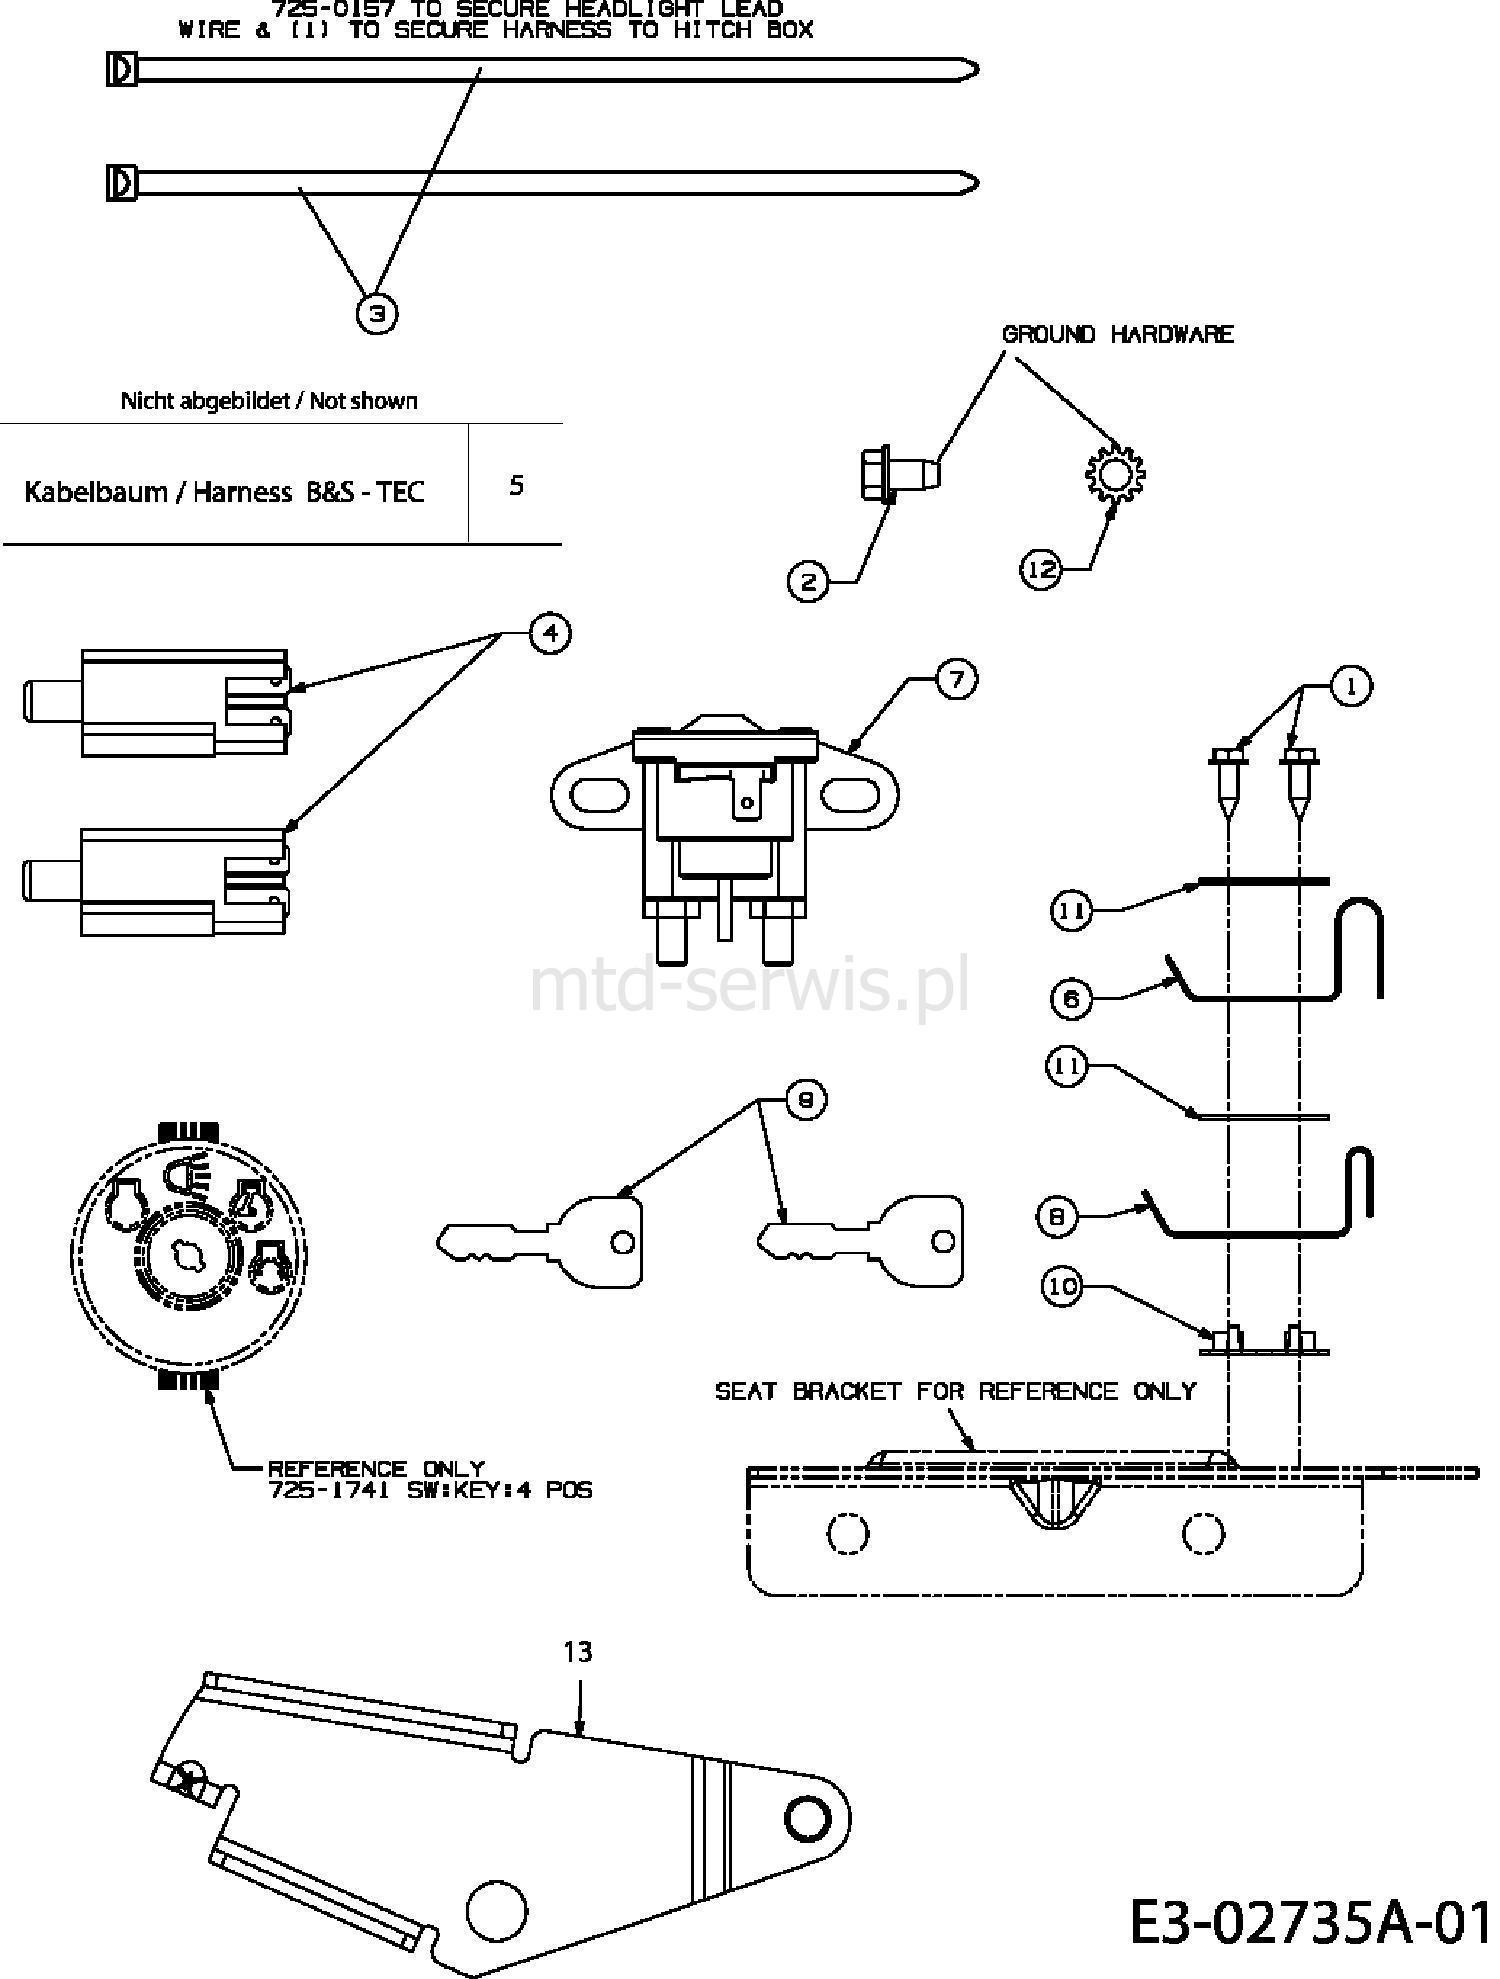 Charmant Mtd Kabelbaum Diagramm Bilder - Elektrische Schaltplan ...